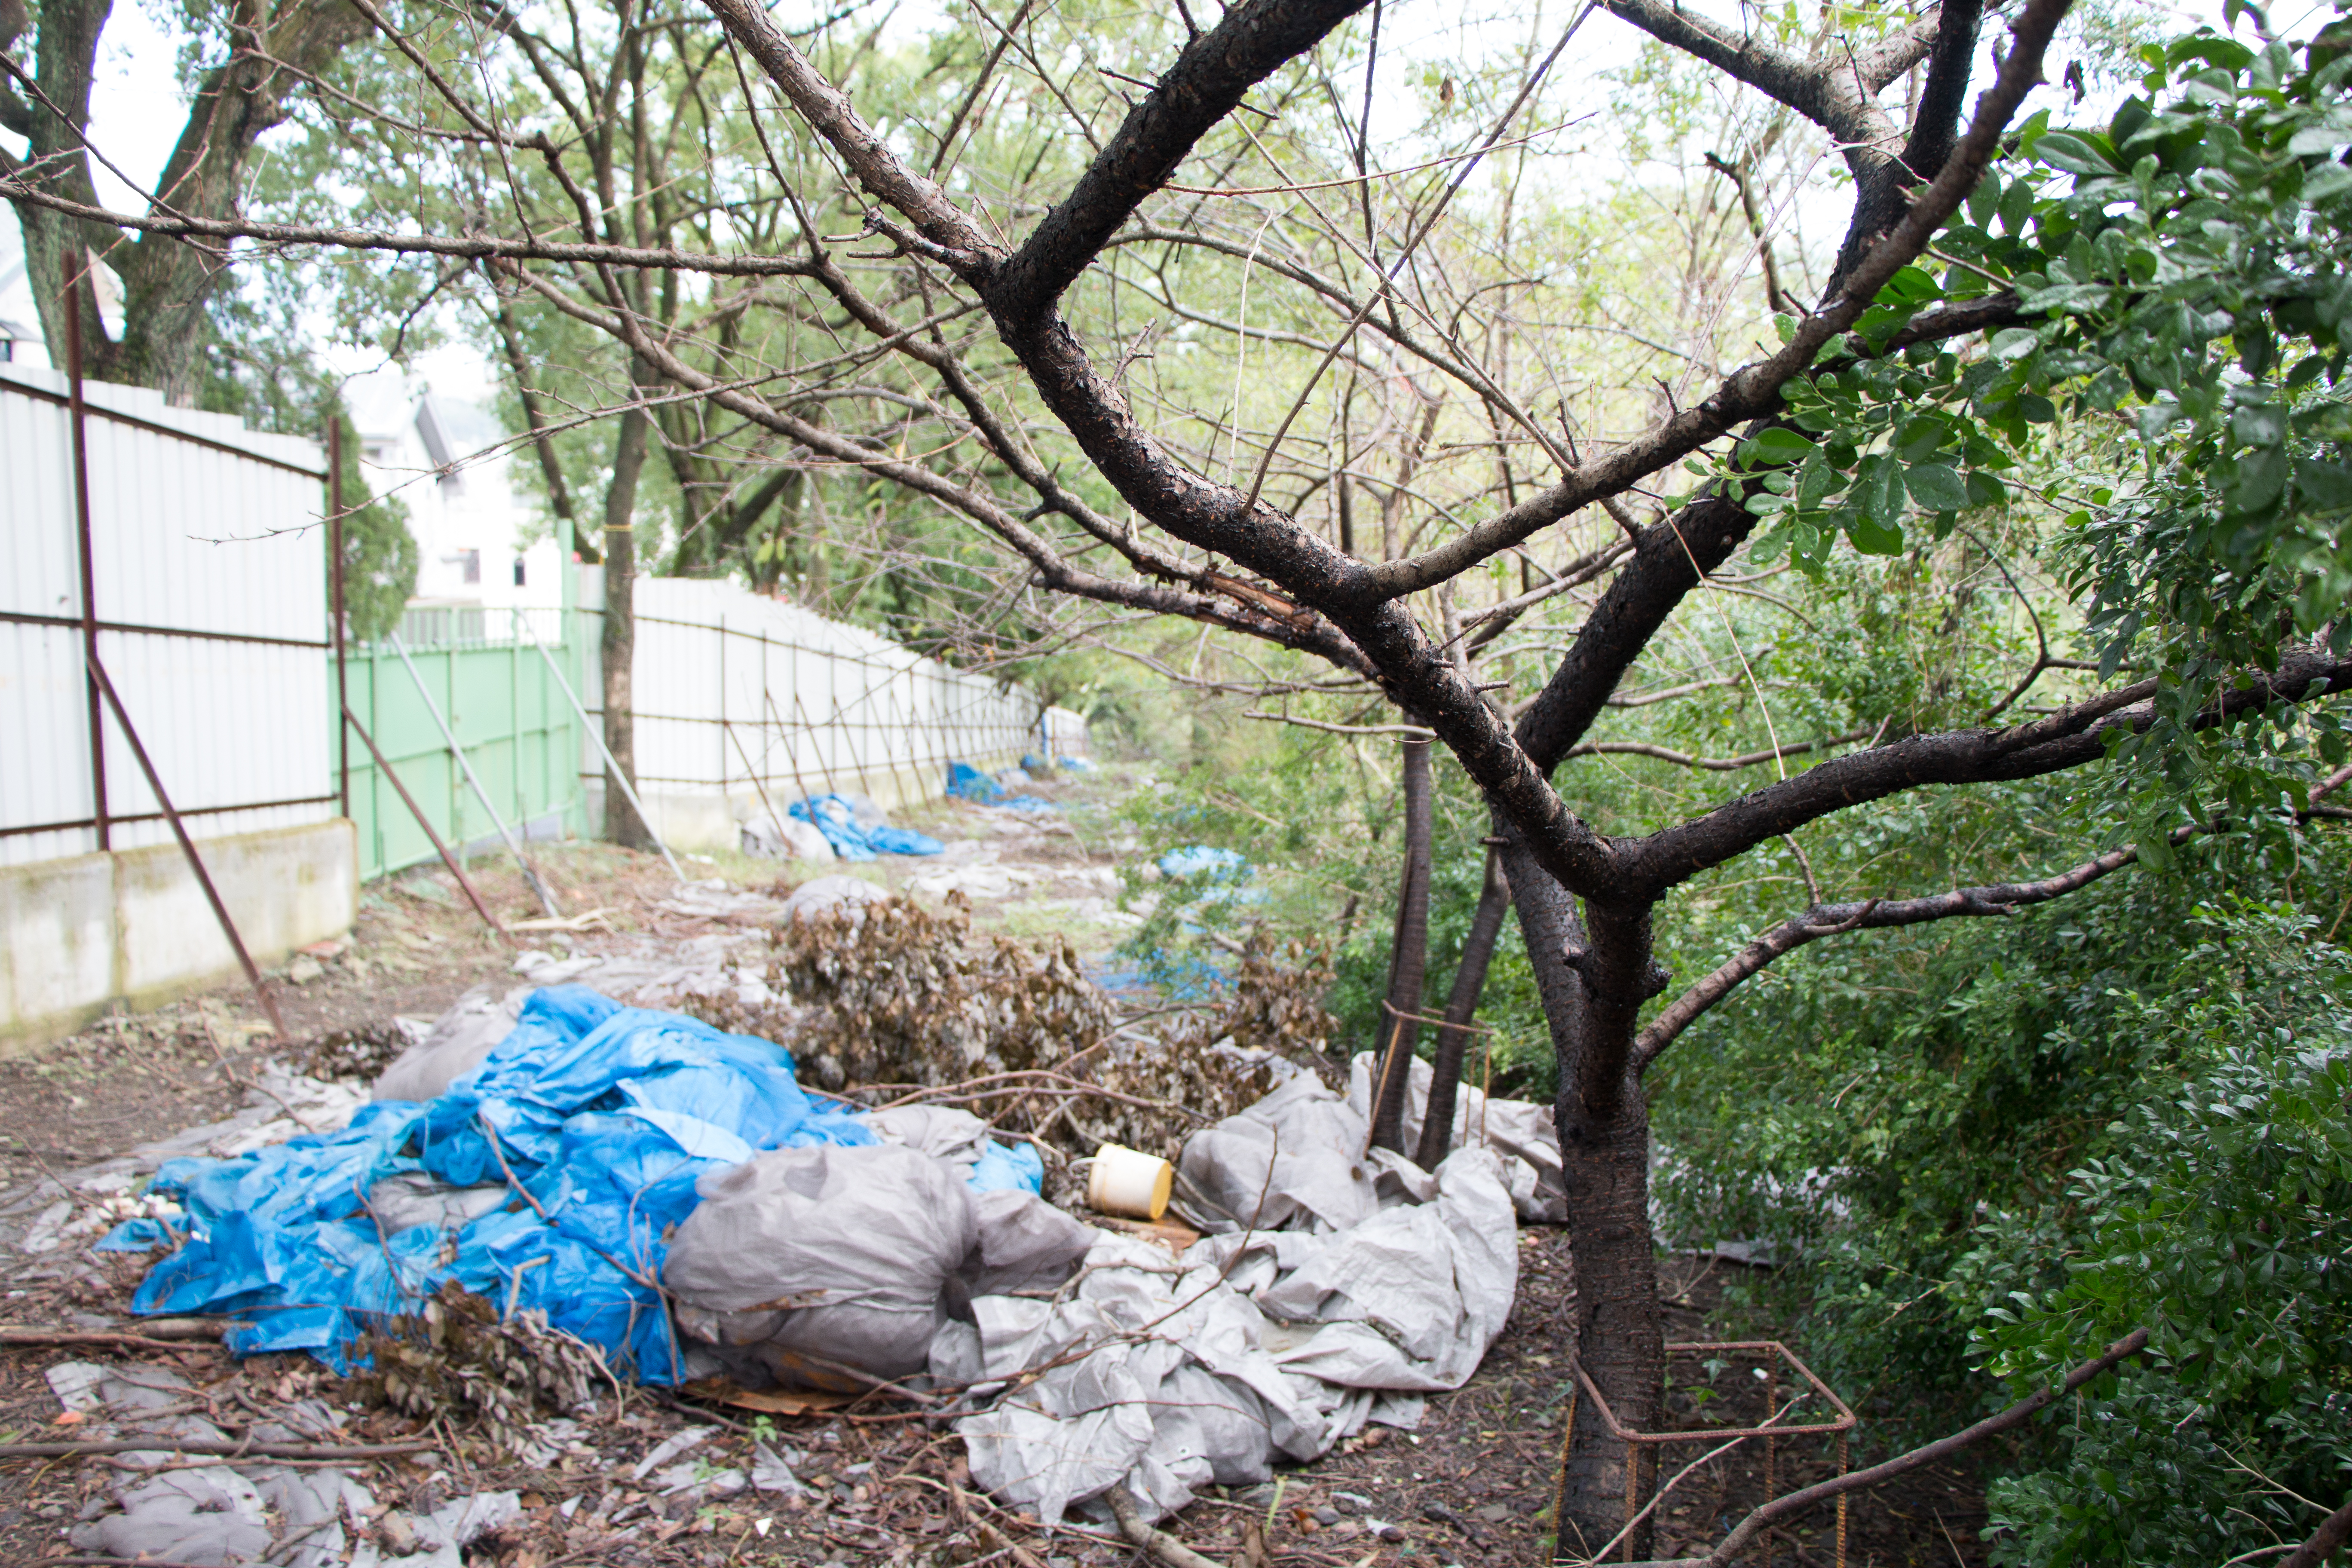 工地尚未動工,就已為環境帶來破壞,地上隨處可見垃圾。